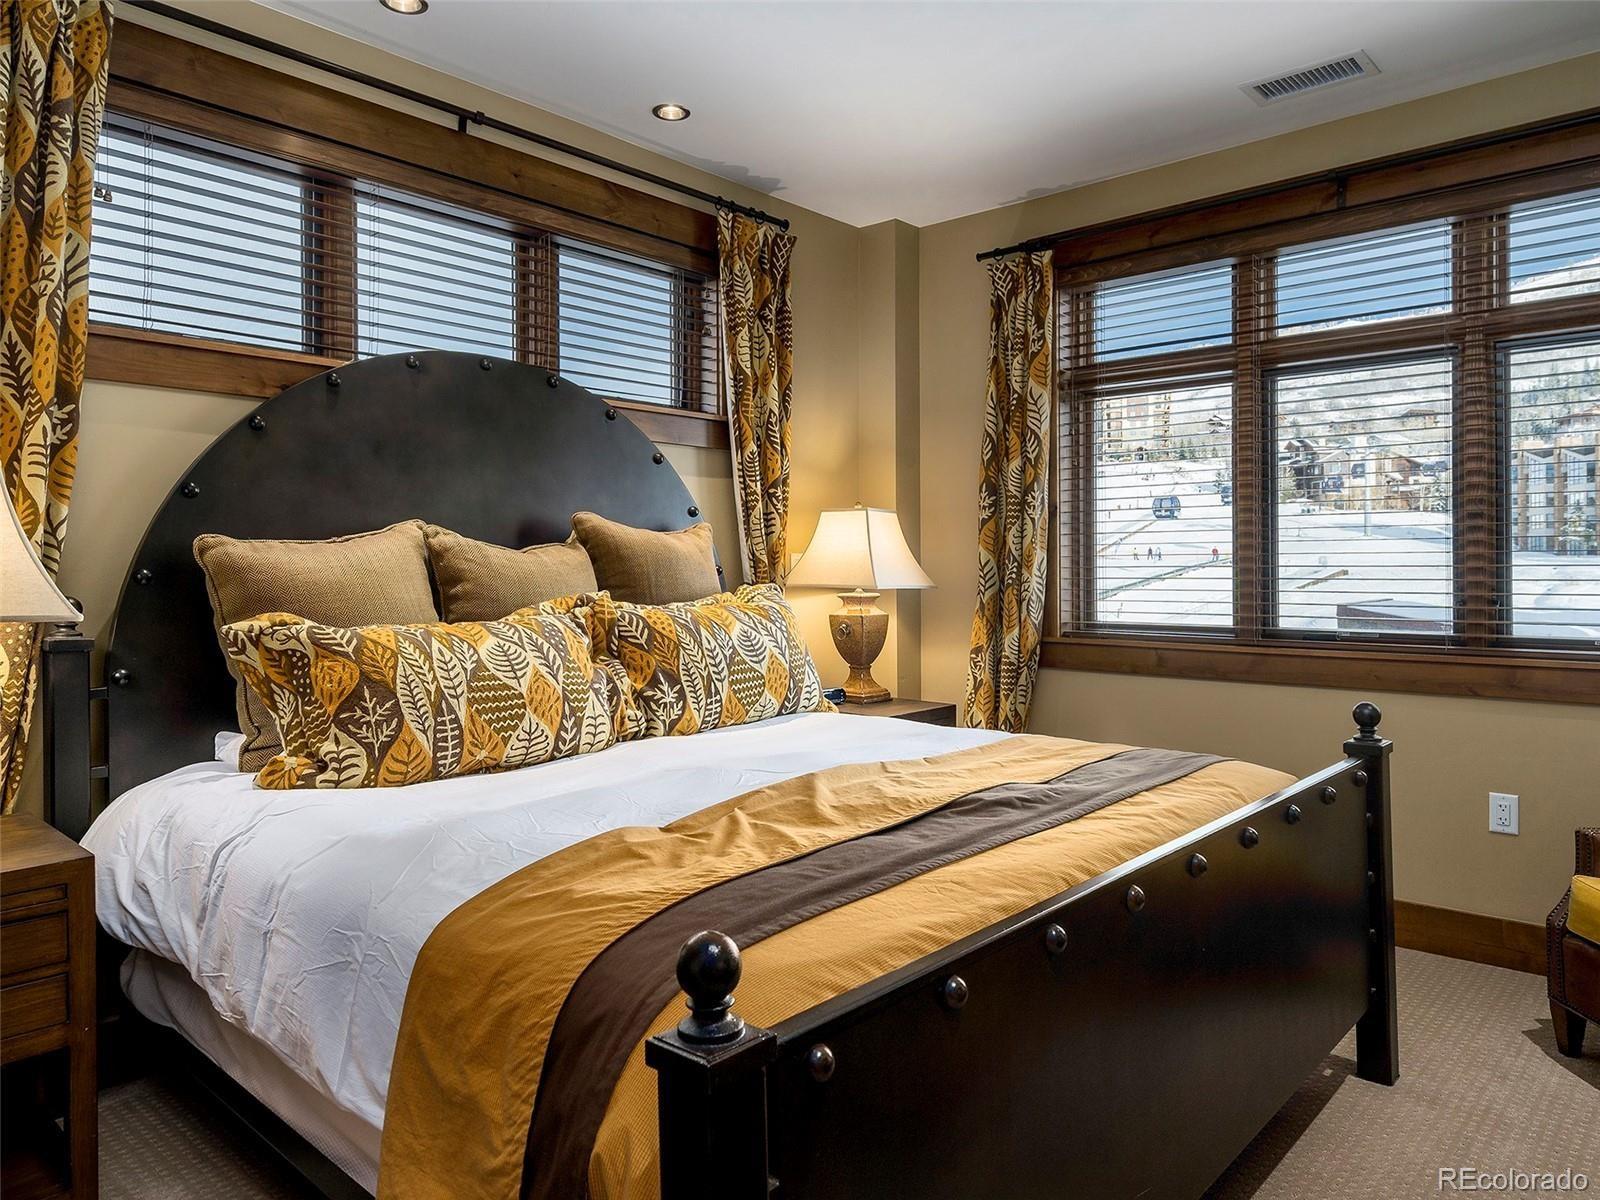 MLS# 7230921 - 14 - 2250 Apres Ski Way #403-II, Steamboat Springs, CO 80487